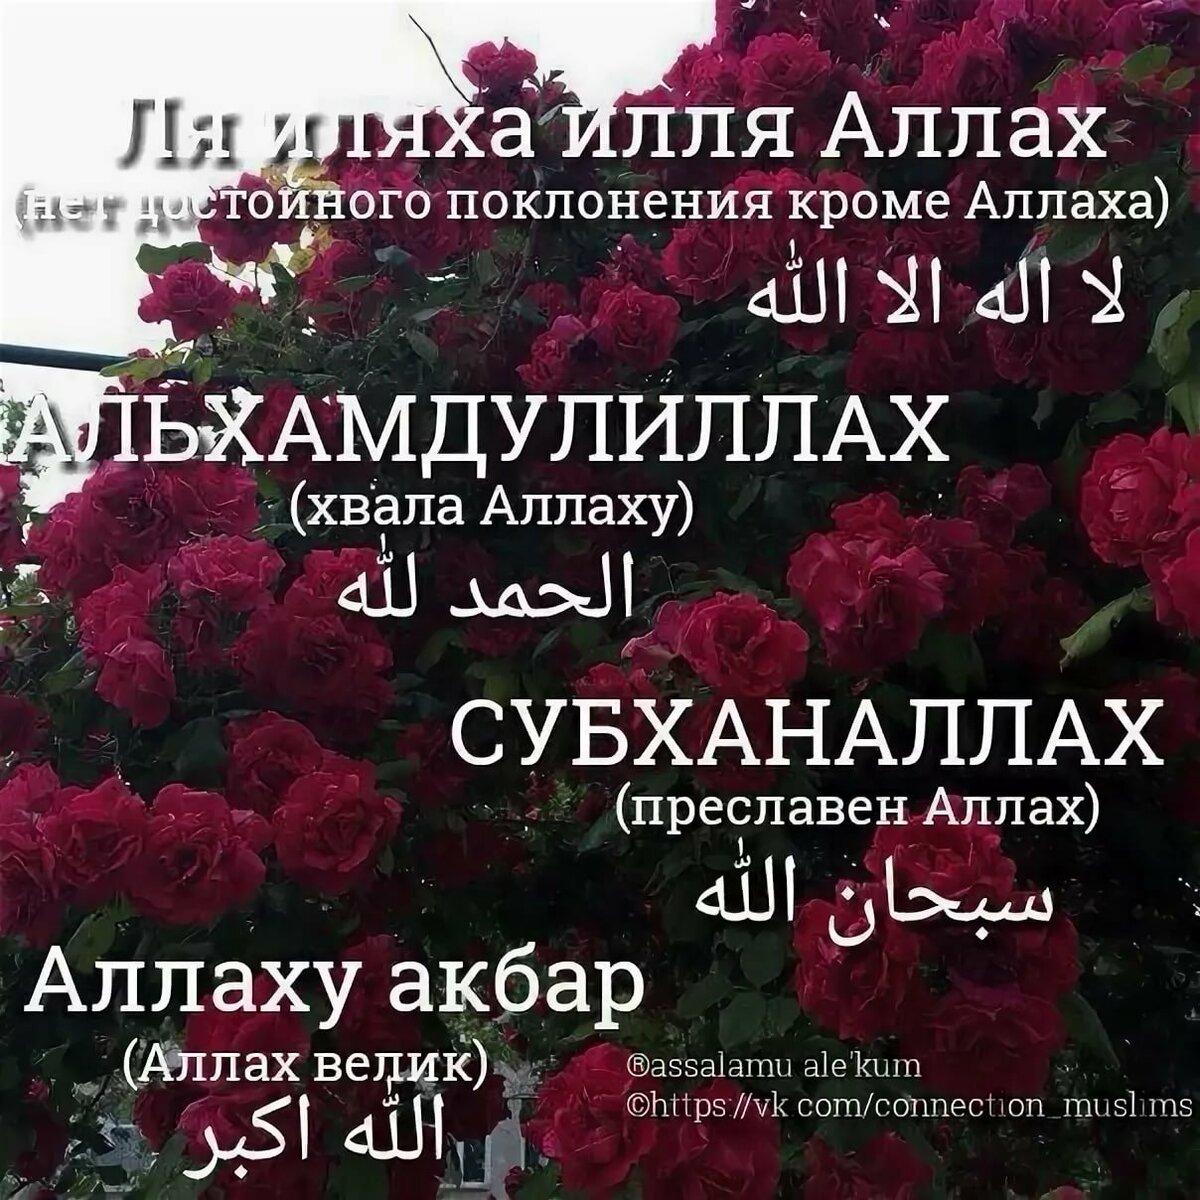 Исламские картинки с надписью хвала аллаху